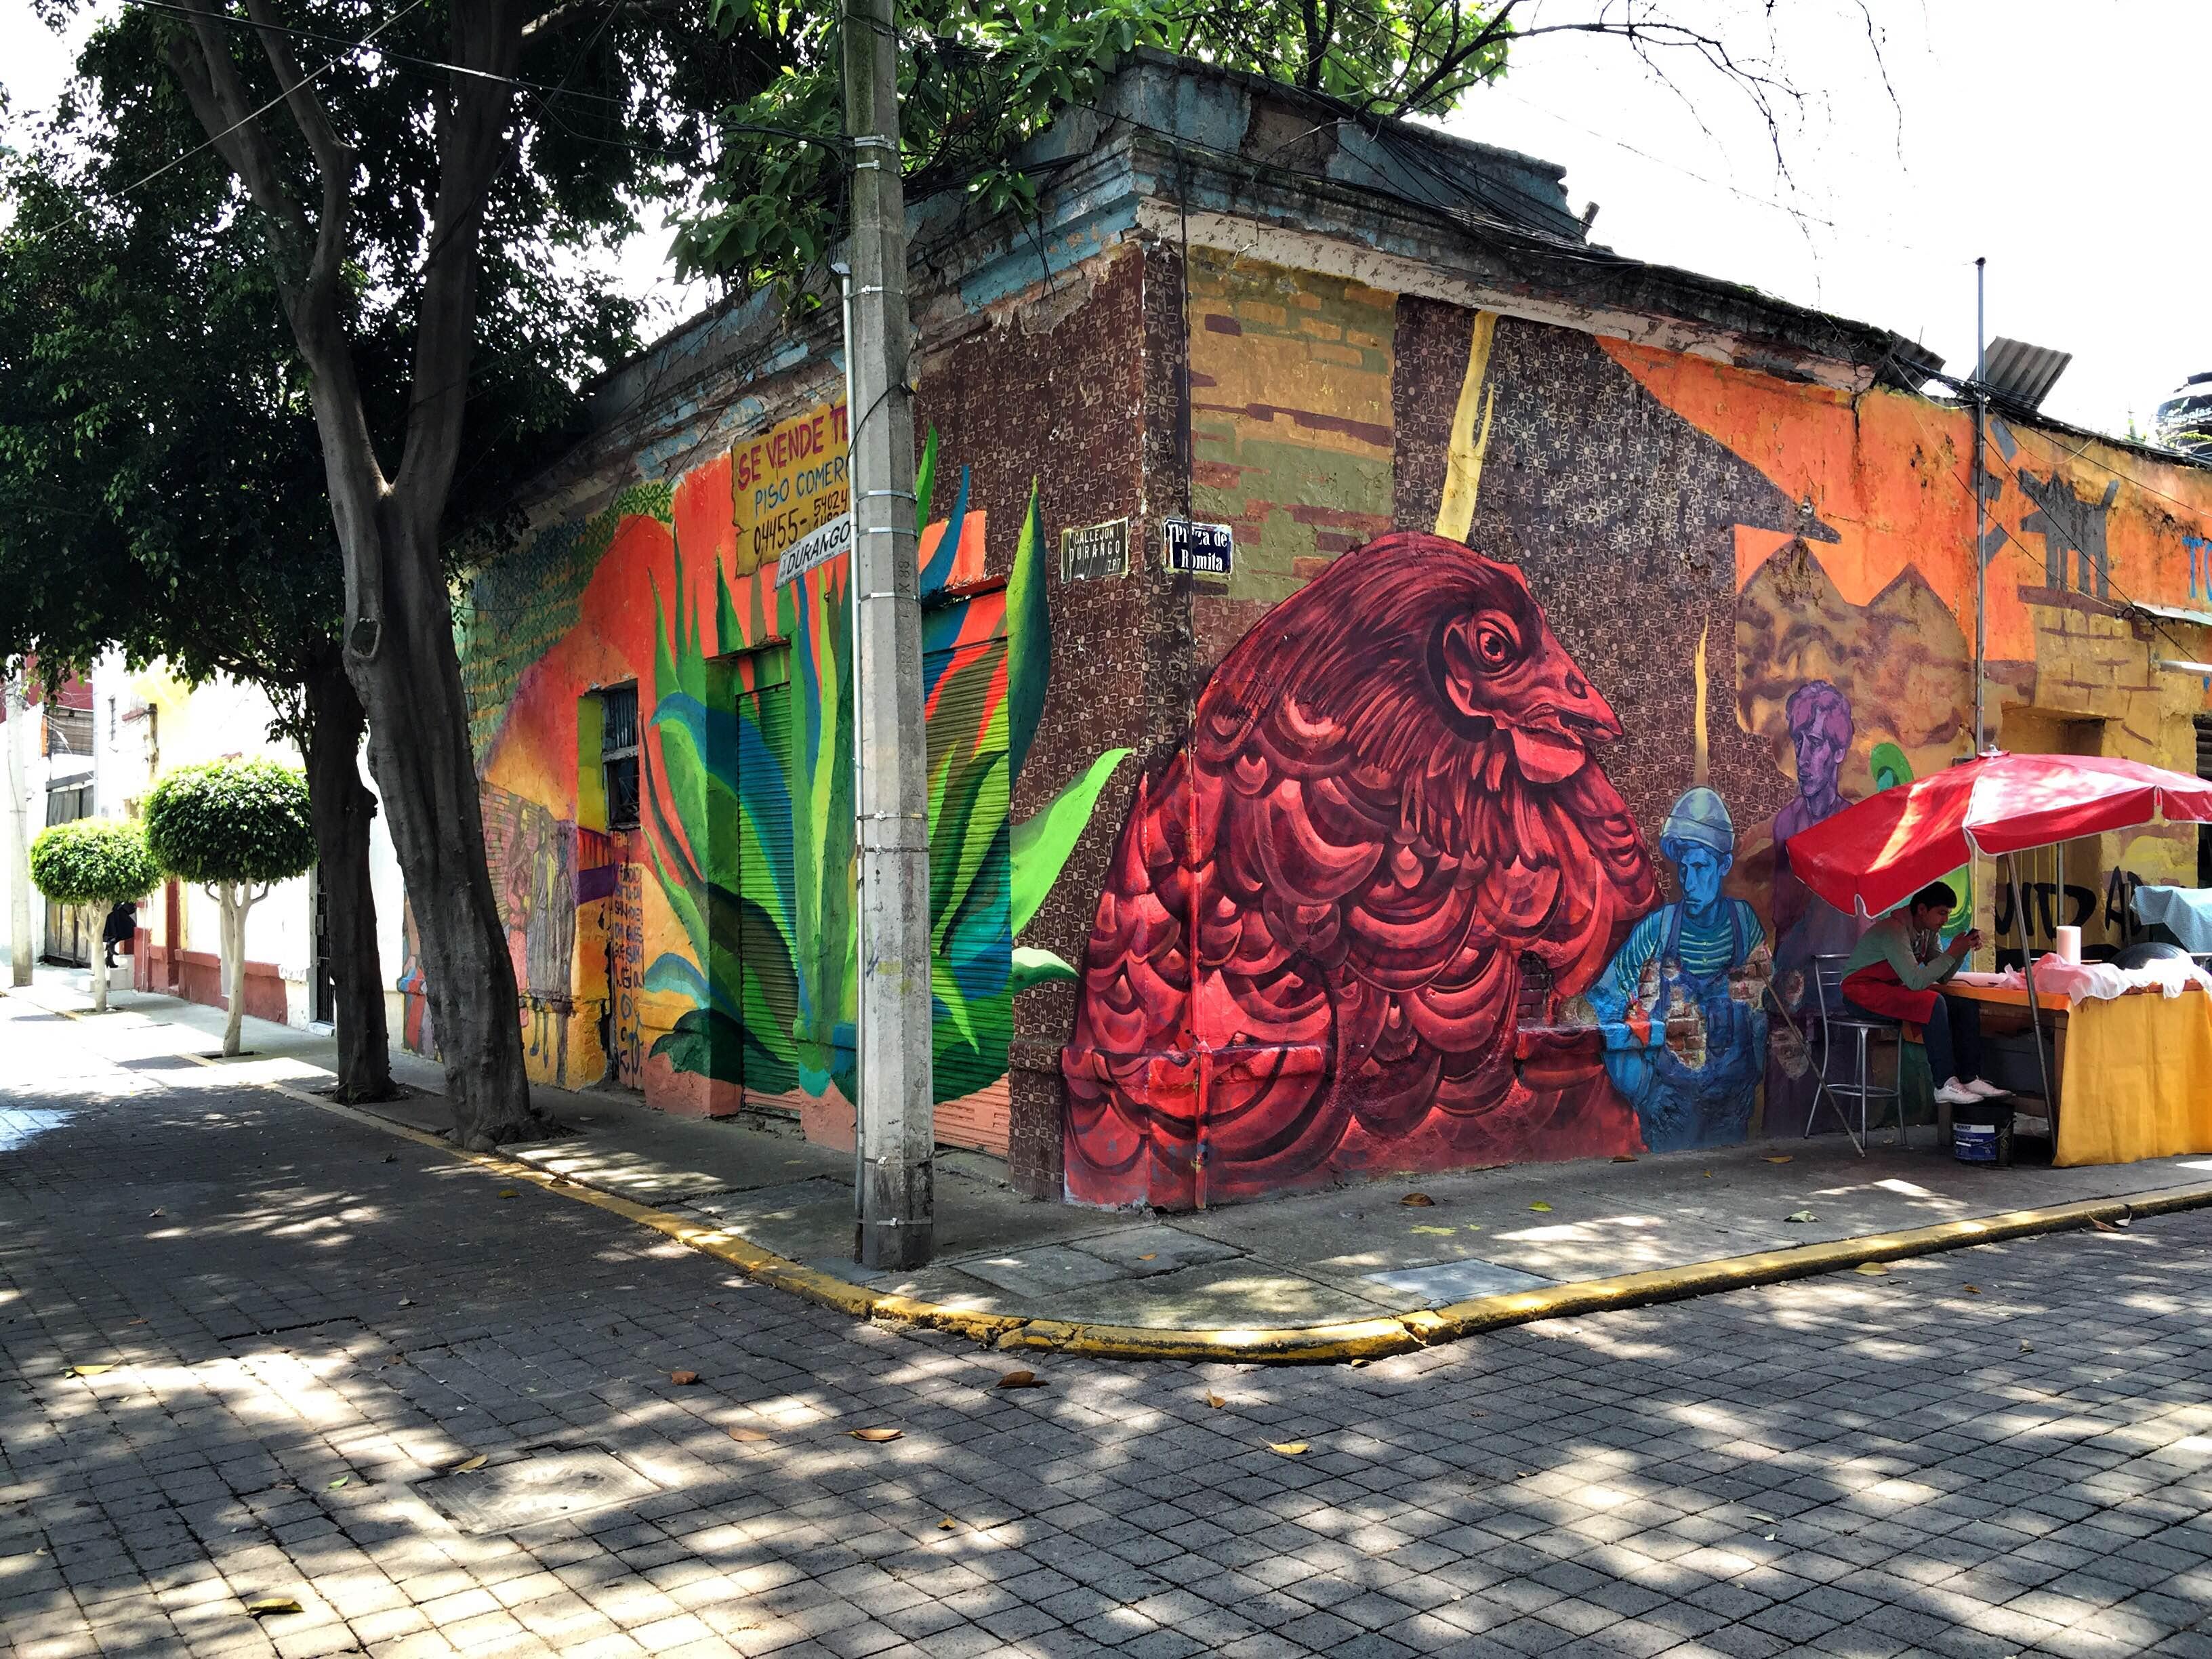 La Romita, Roma Norte, Ciudad de Mexico